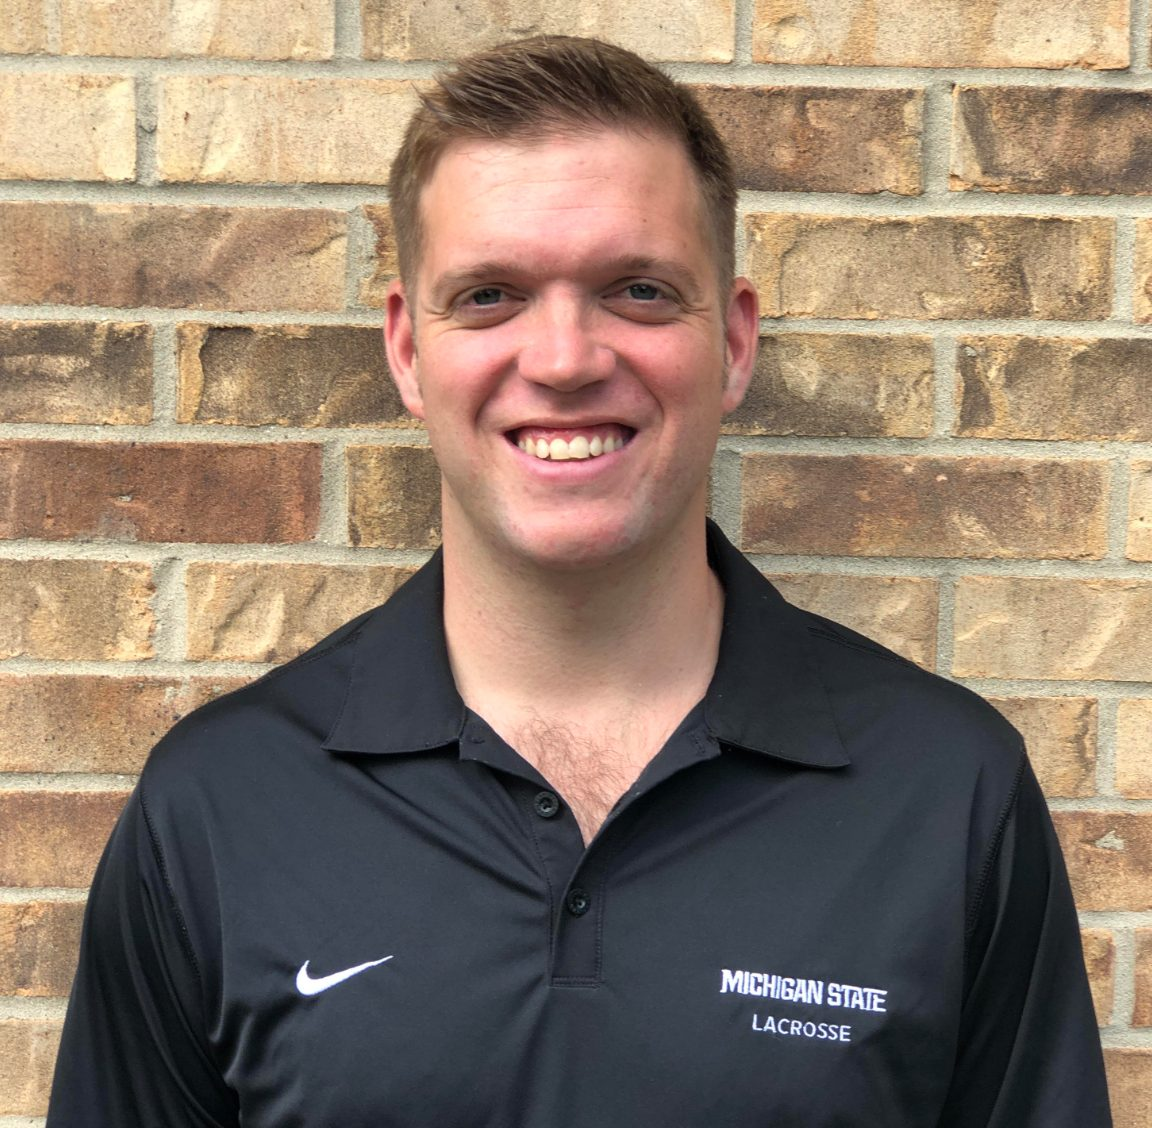 CHS announces Dean Hall as it's new boys lacrosse coach